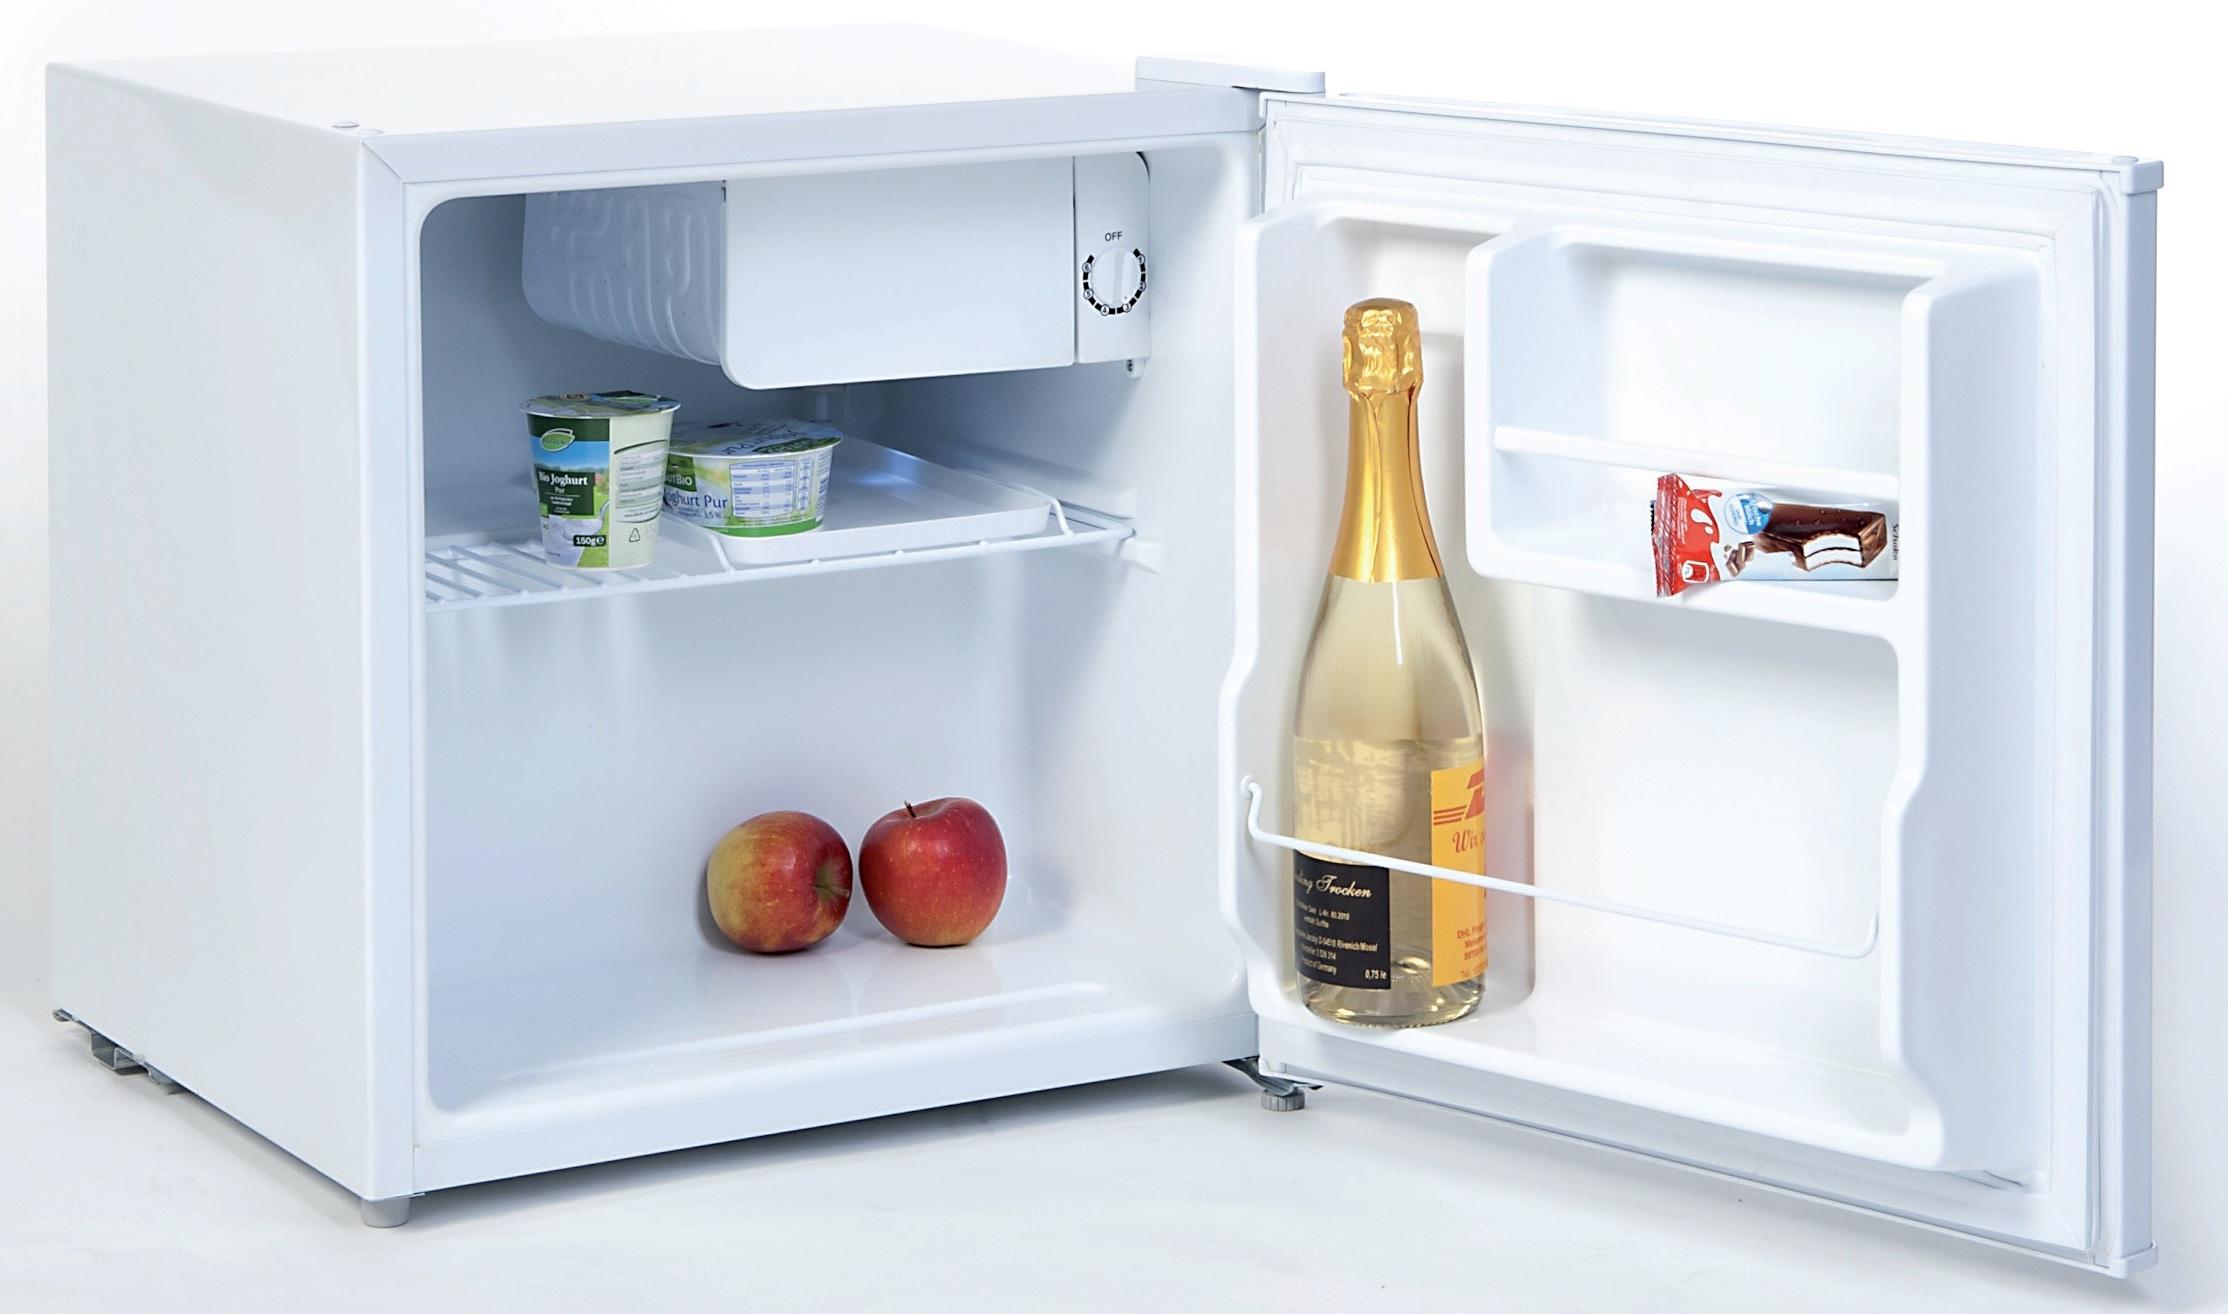 Kühlschrank Klein : Kühlbox a mit tiefkühlfach kühlschrank weiß mini klein büro